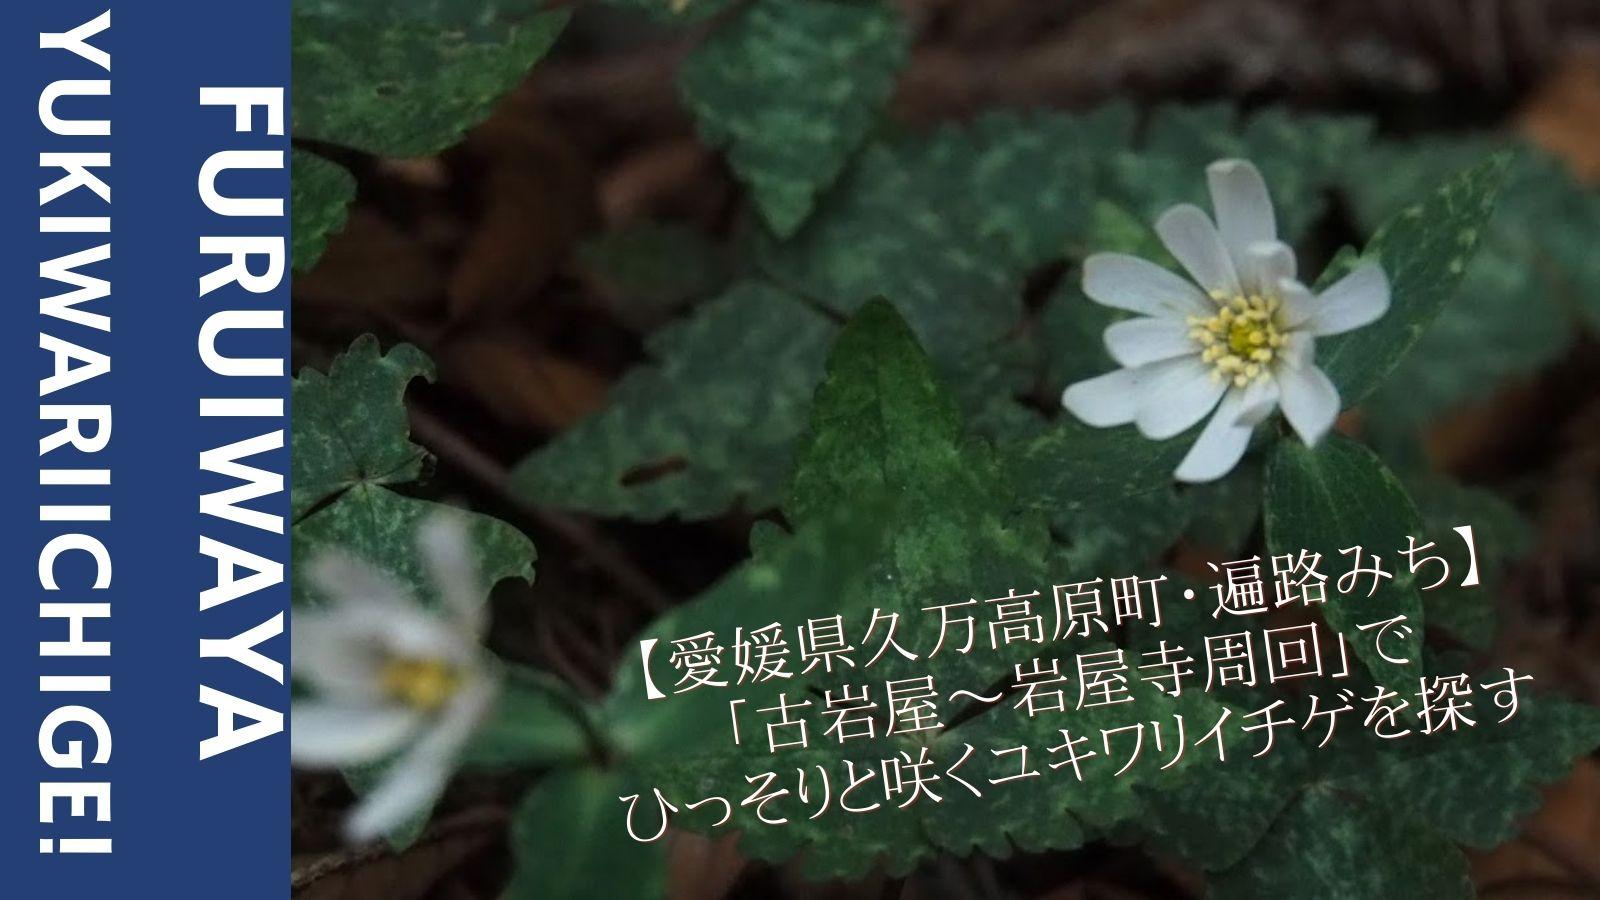 【愛媛県久万高原町・遍路みち】「古岩屋〜岩屋寺周回」でひっそりと咲くユキワリイチゲを探す